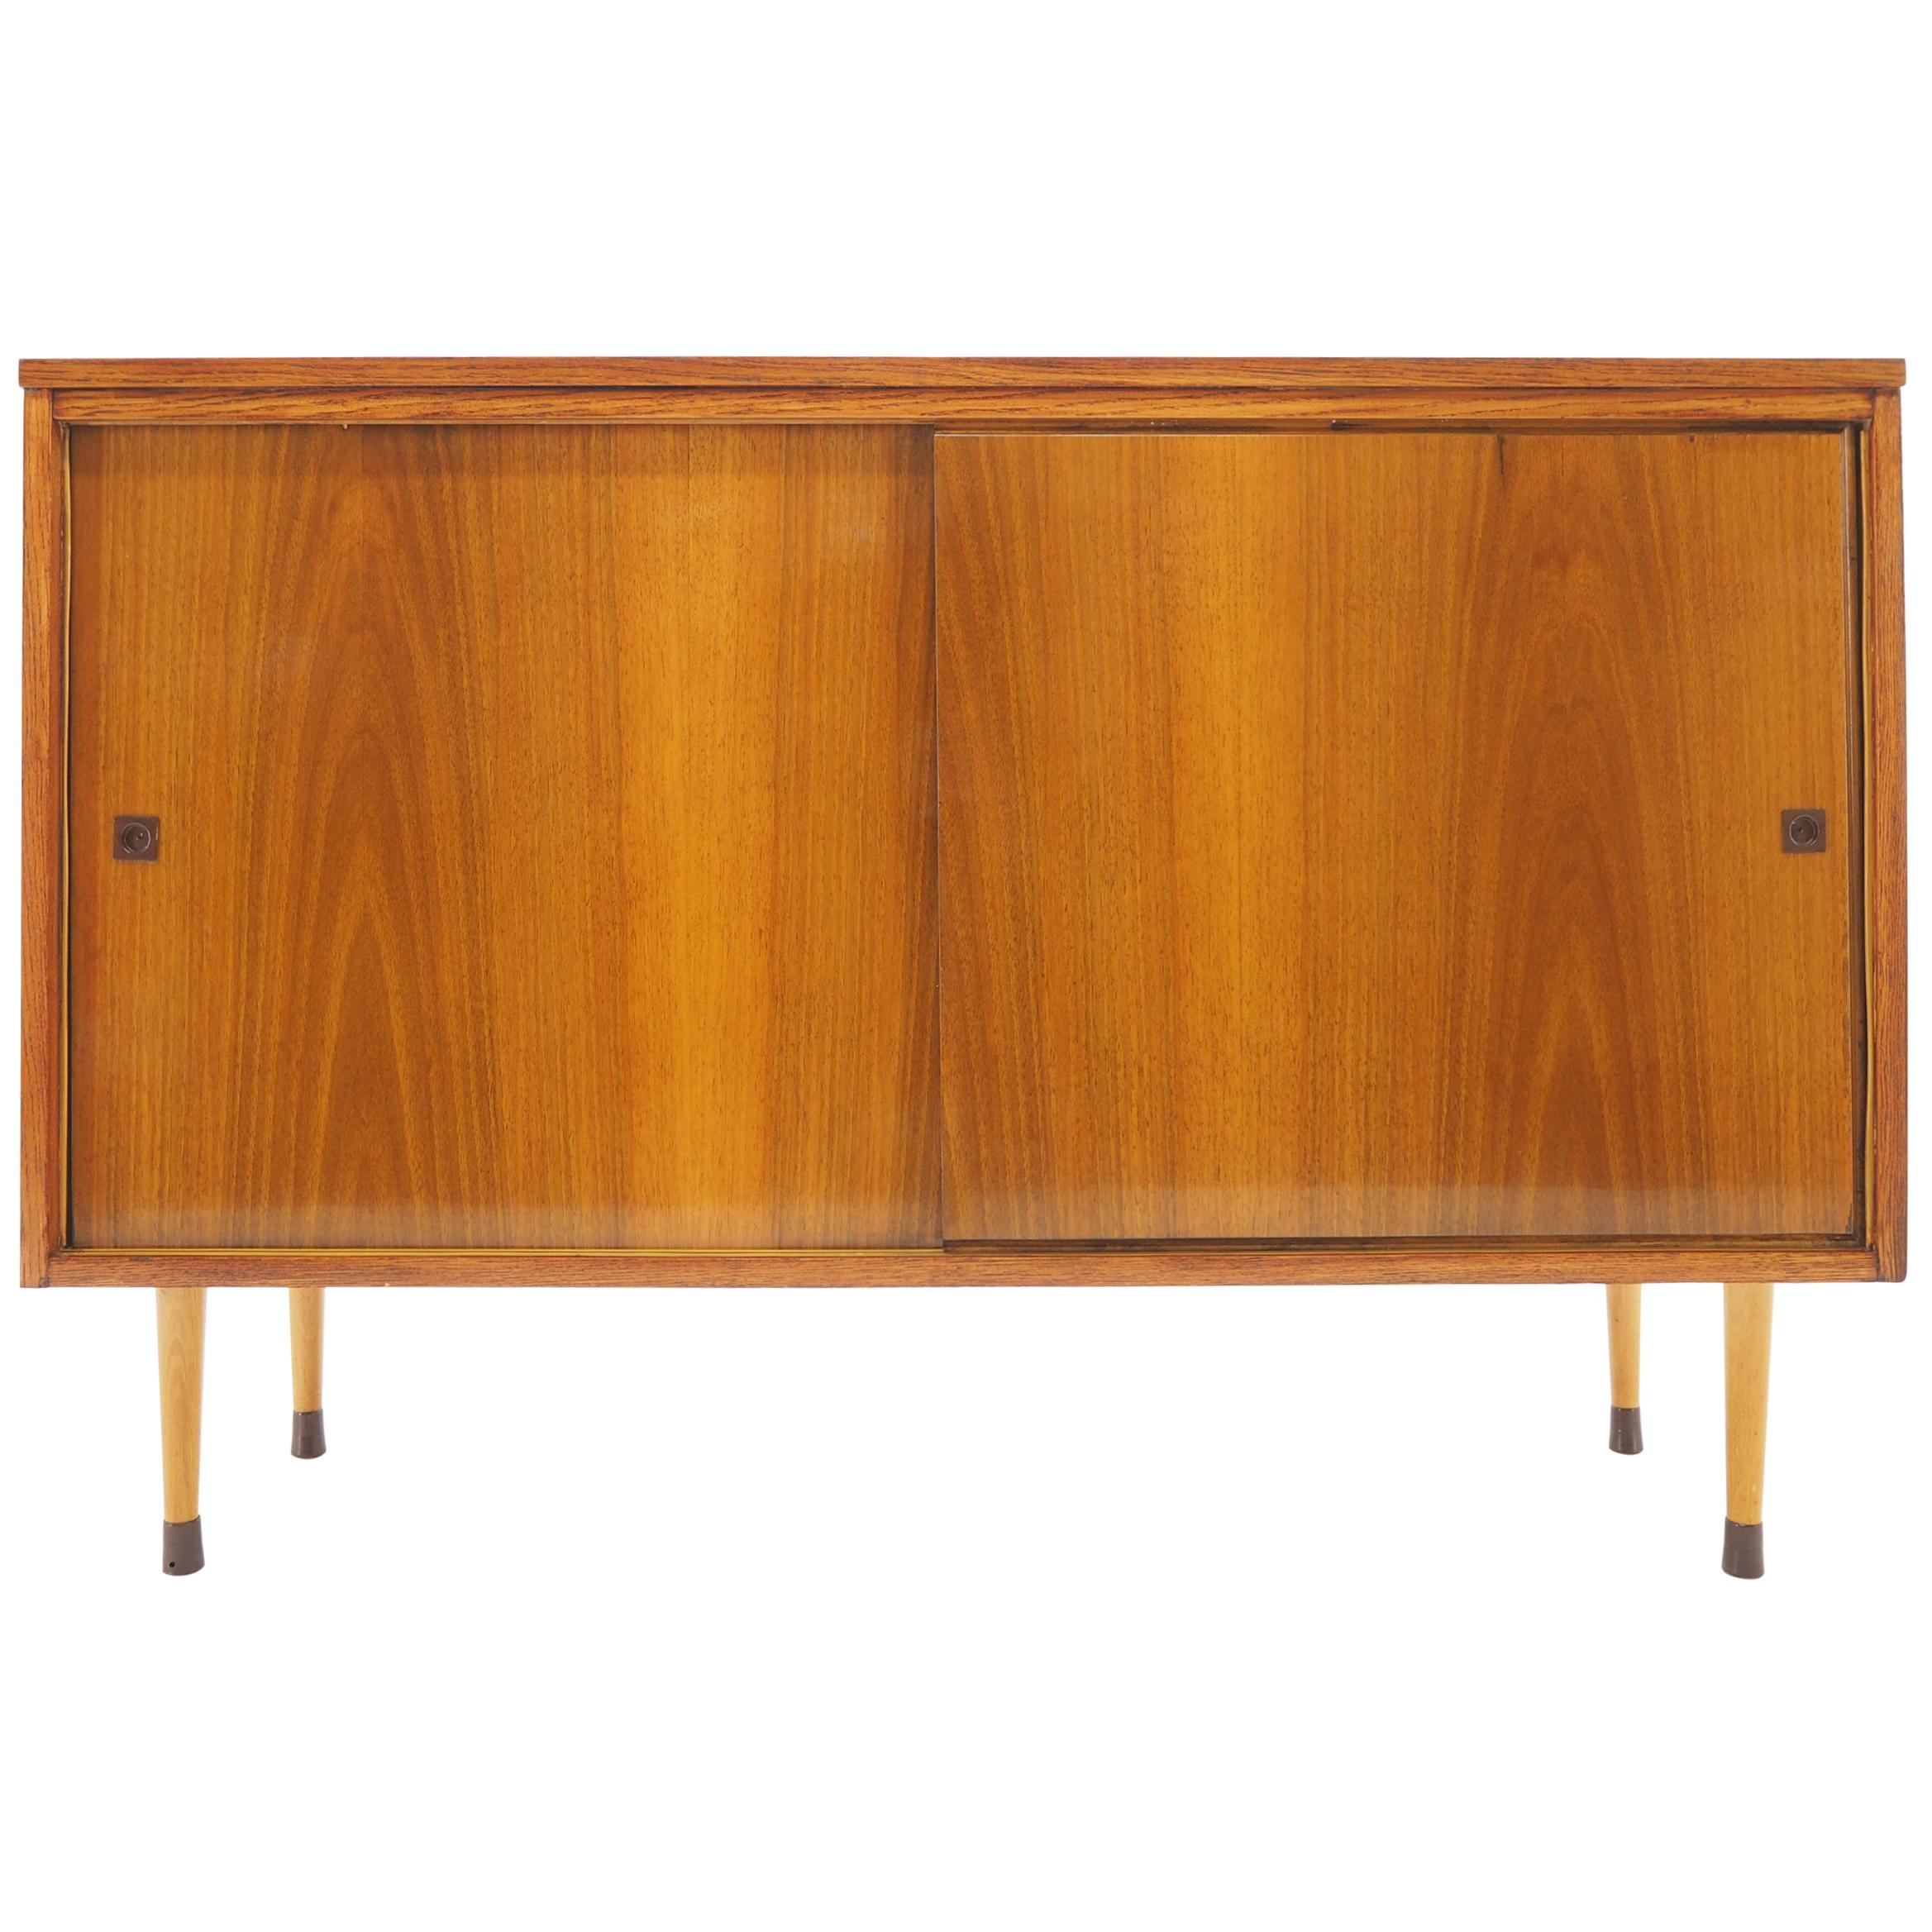 Midcentury Sideboard, Czechoslovakia, 1960s